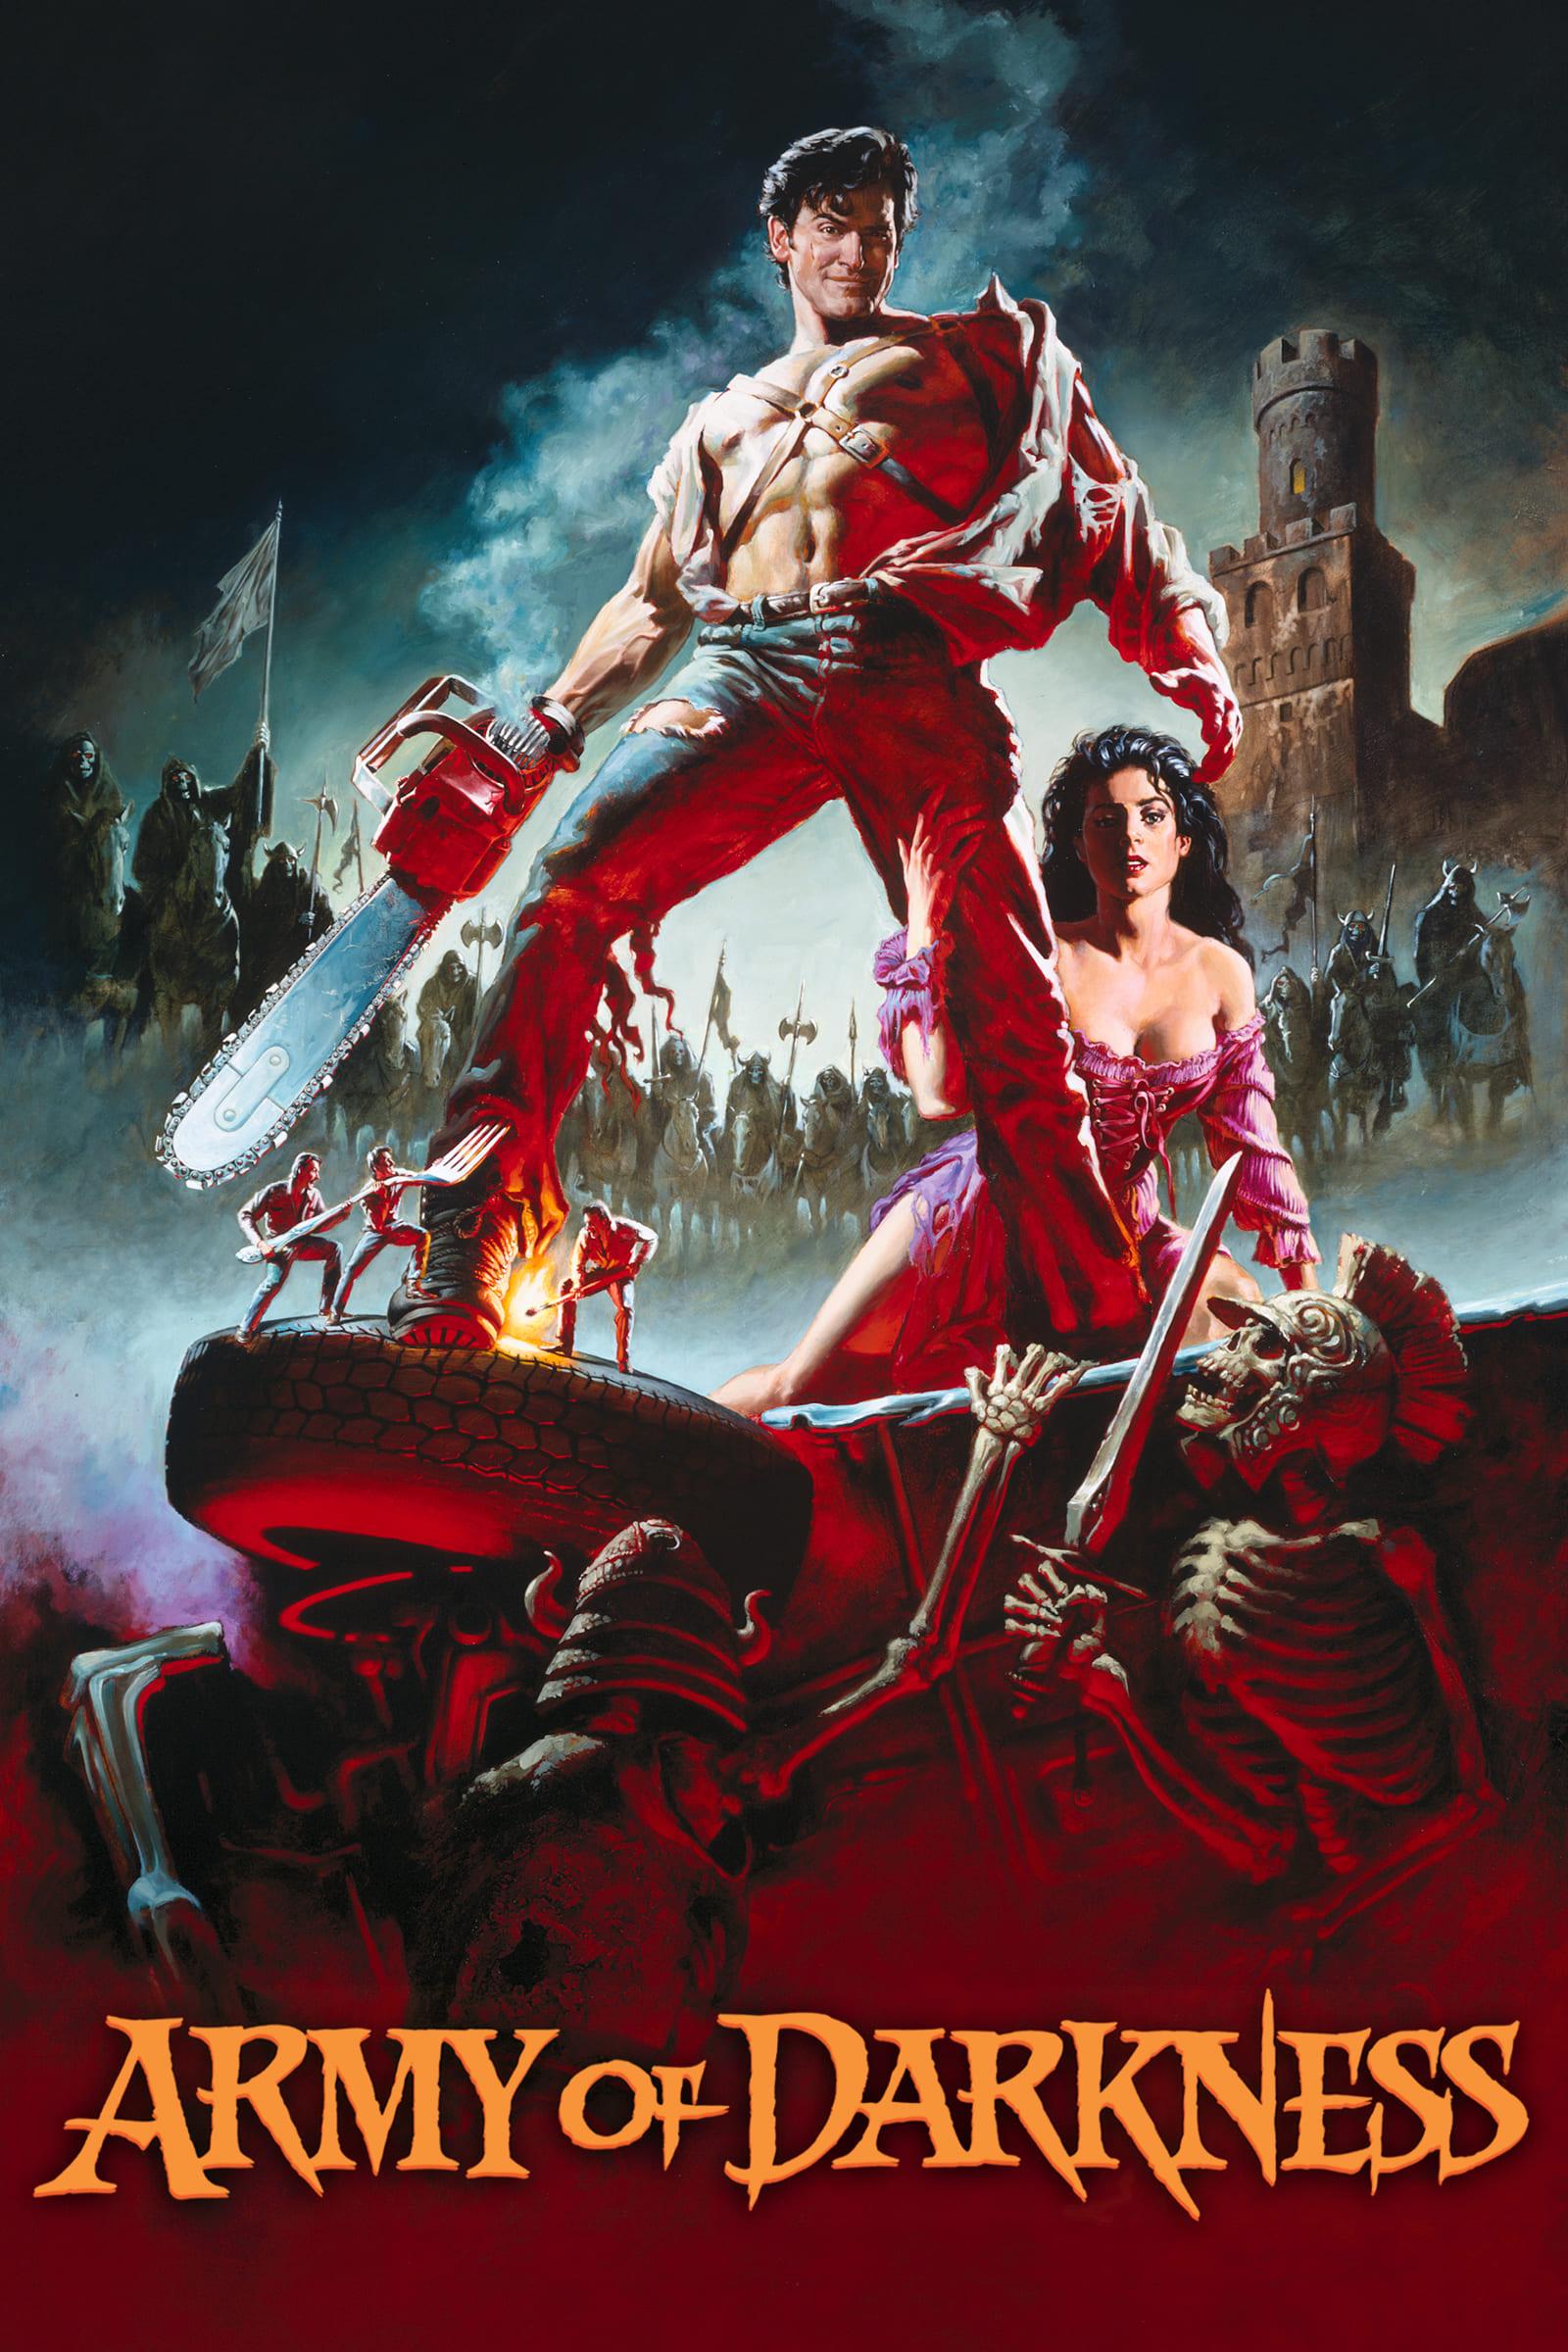 鬼玩人3:魔界英豪 Army of Darkness (1992) 中文字幕